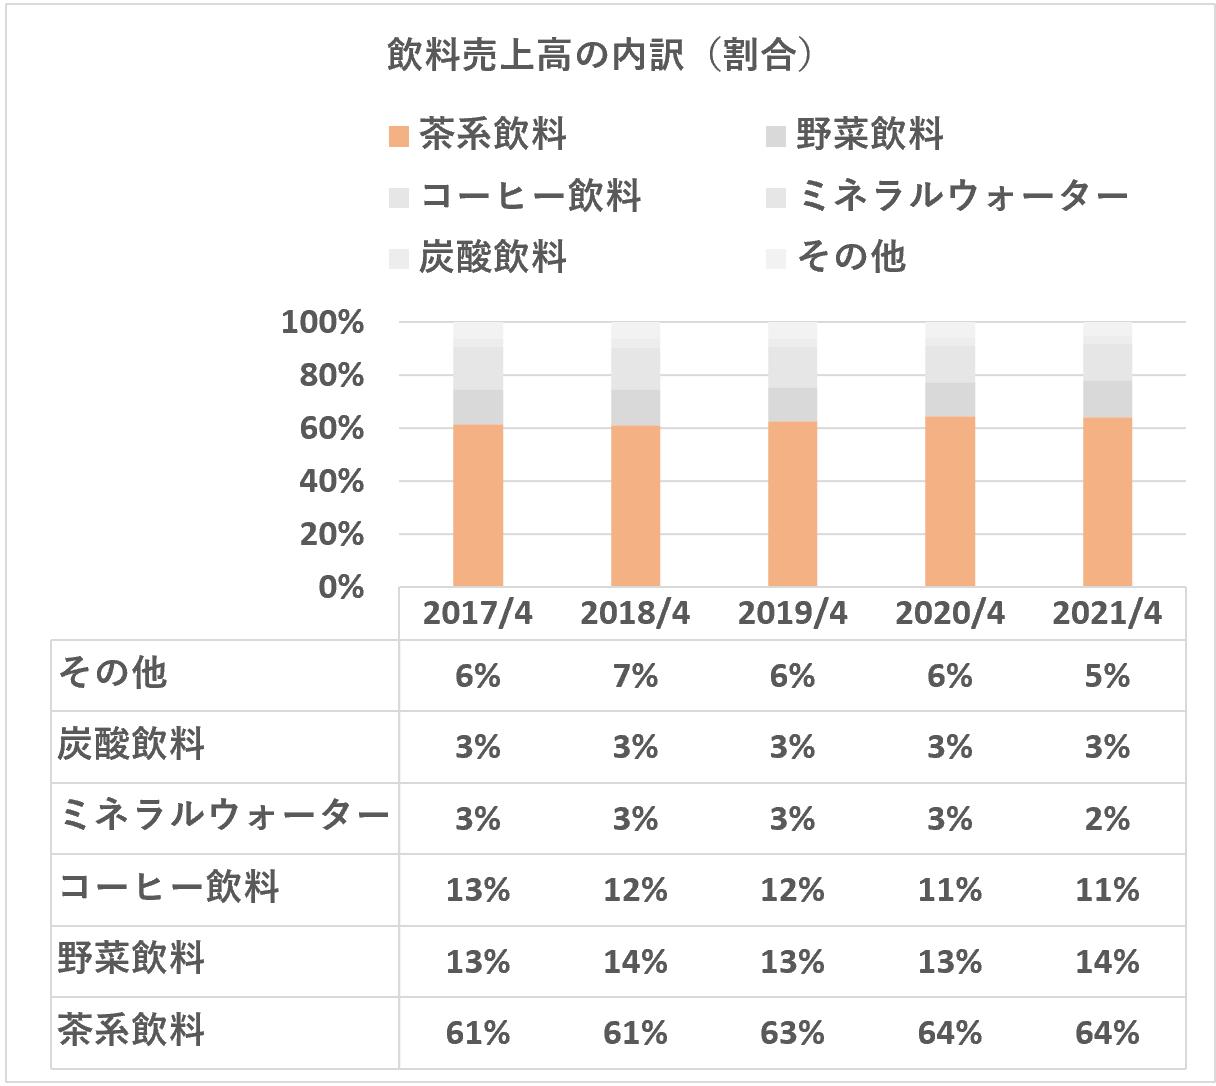 伊藤園:飲料種類別売上高(割合)